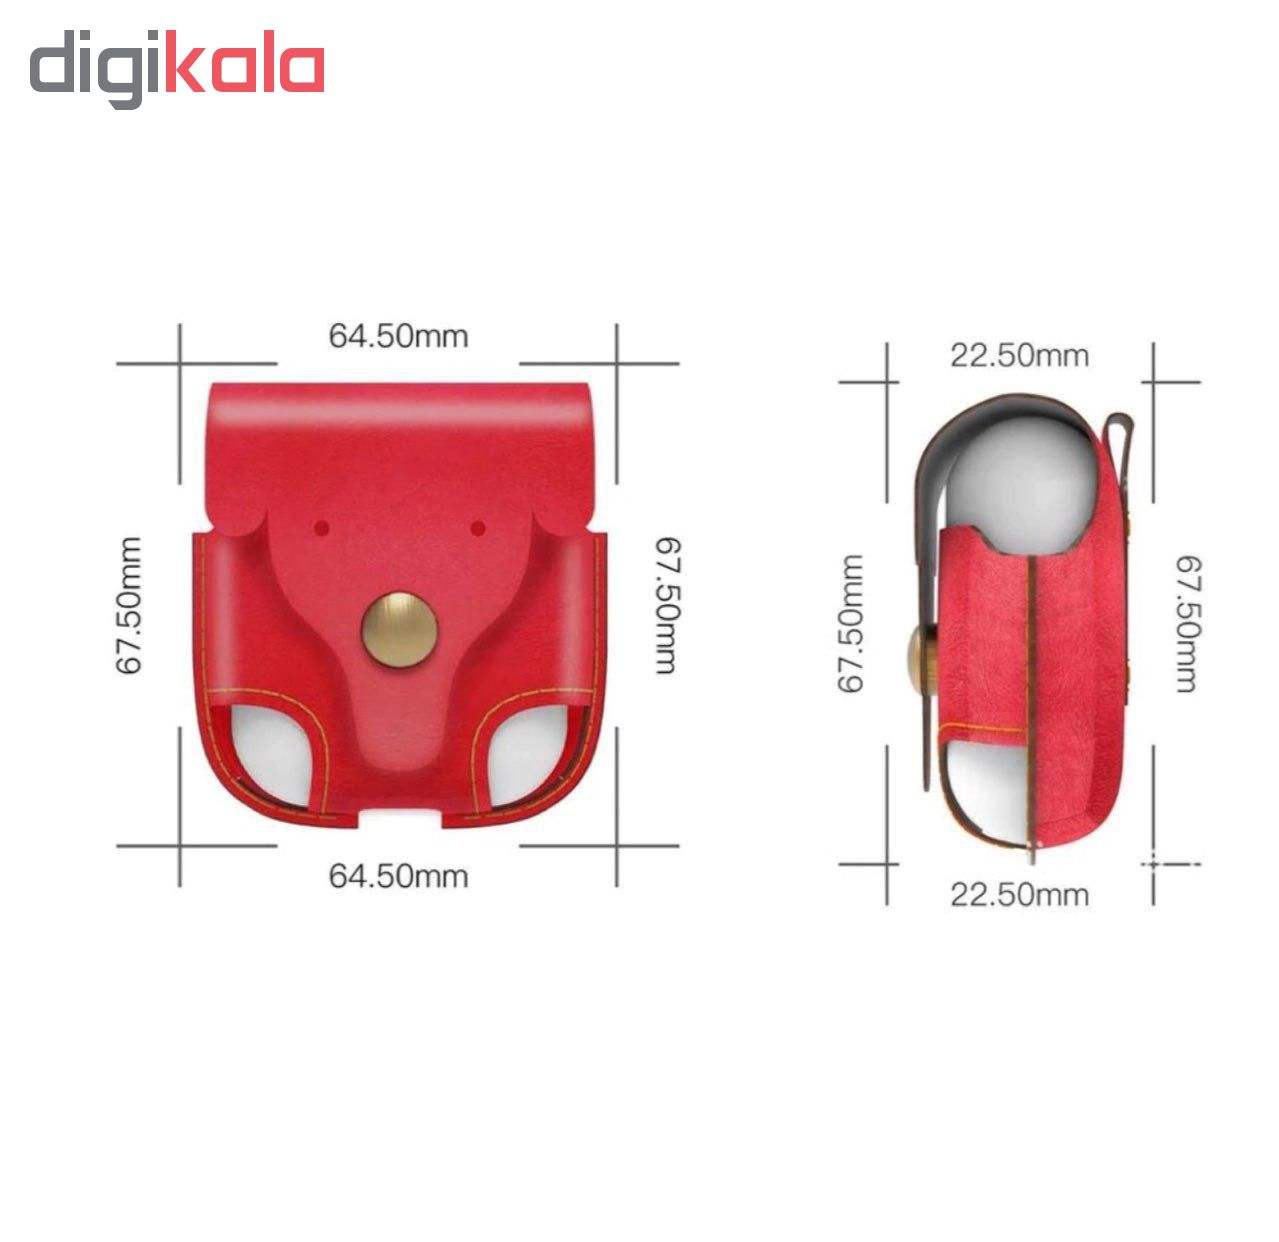 کاور محافظ مدل Elephant مناسب برای کیس ایرپاد main 1 3